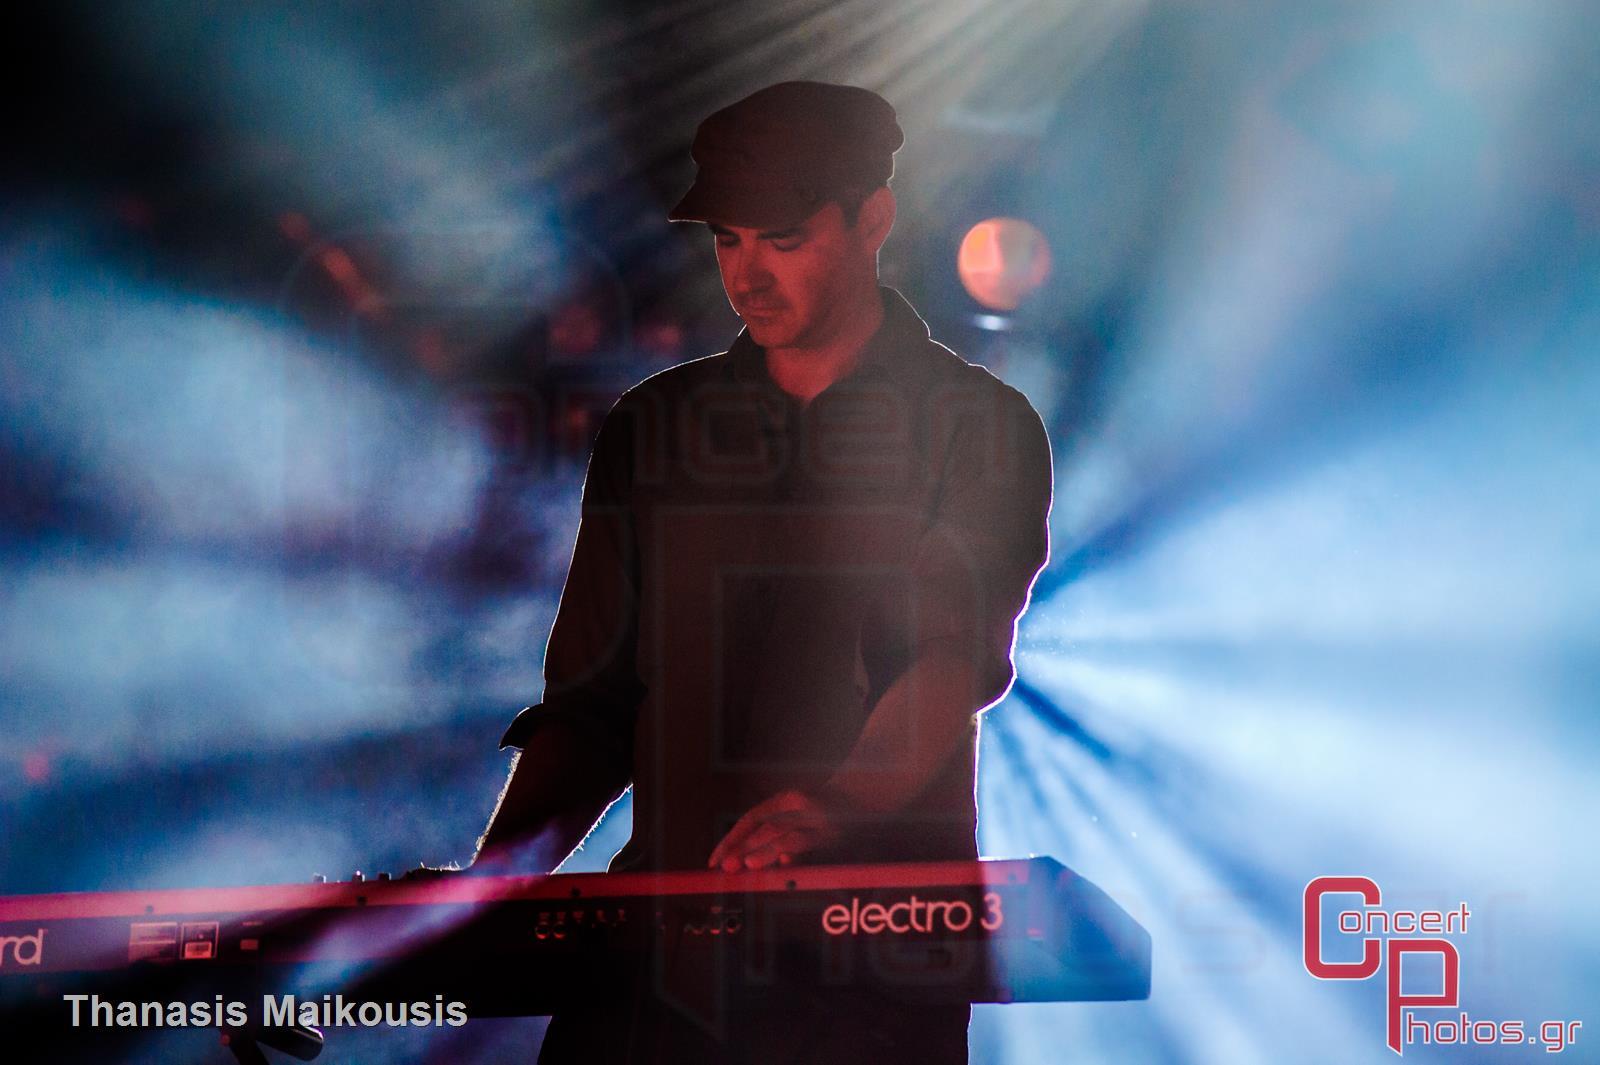 Nouvelle Vague-Nuvelle Vague photographer: Thanasis Maikousis - concertphotos_-9030